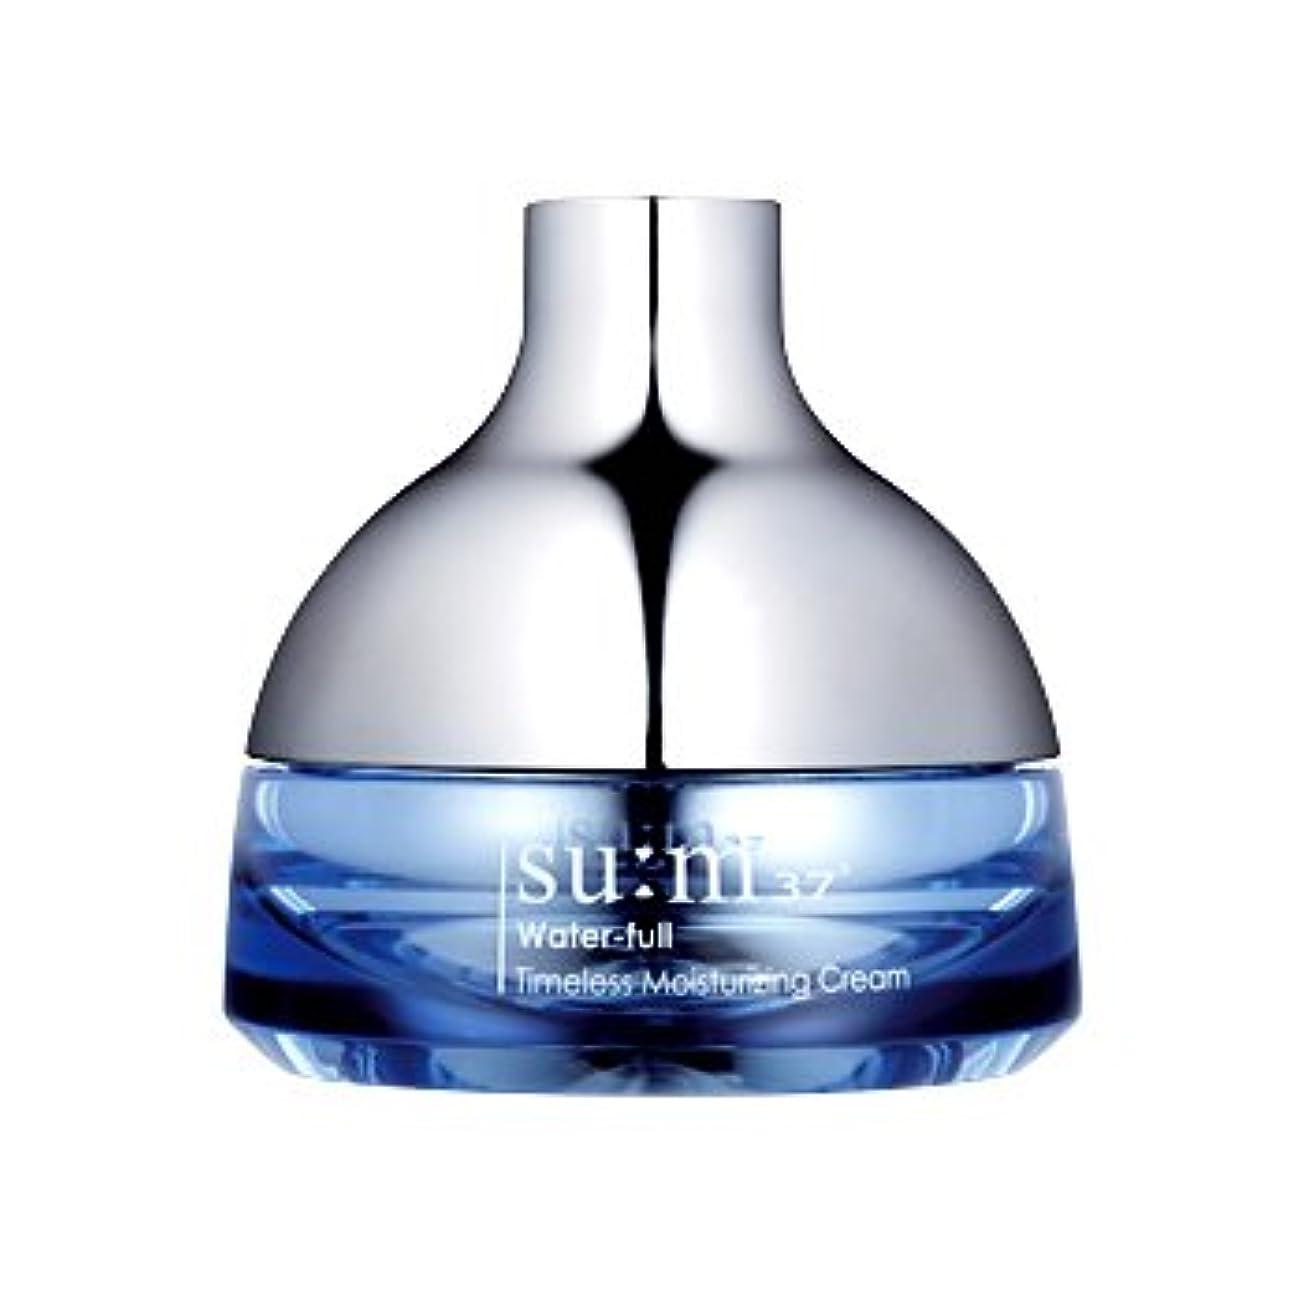 ホーンスクラップブックラベンダー[SUM37/スム37]スムウォーターフルタイムレスモイスチャライジングクリーム/Water-full Timeless Moisturizing Cream 50ml [海外直送品]